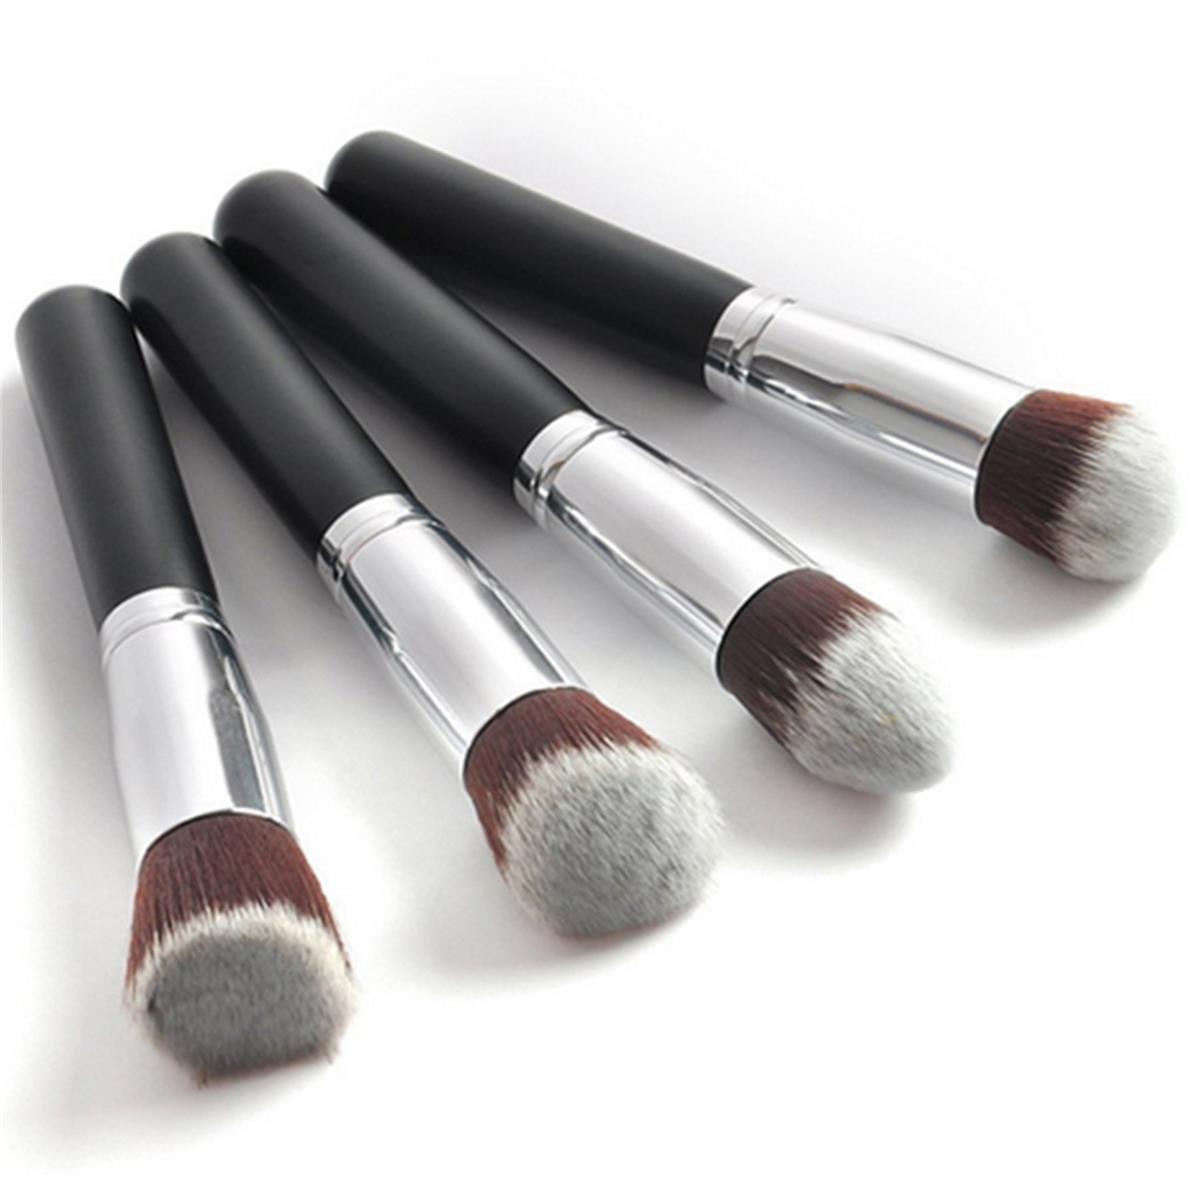 LONGQI 8Pcs/Set Makeup Brushes Professional Makeup Brush Set